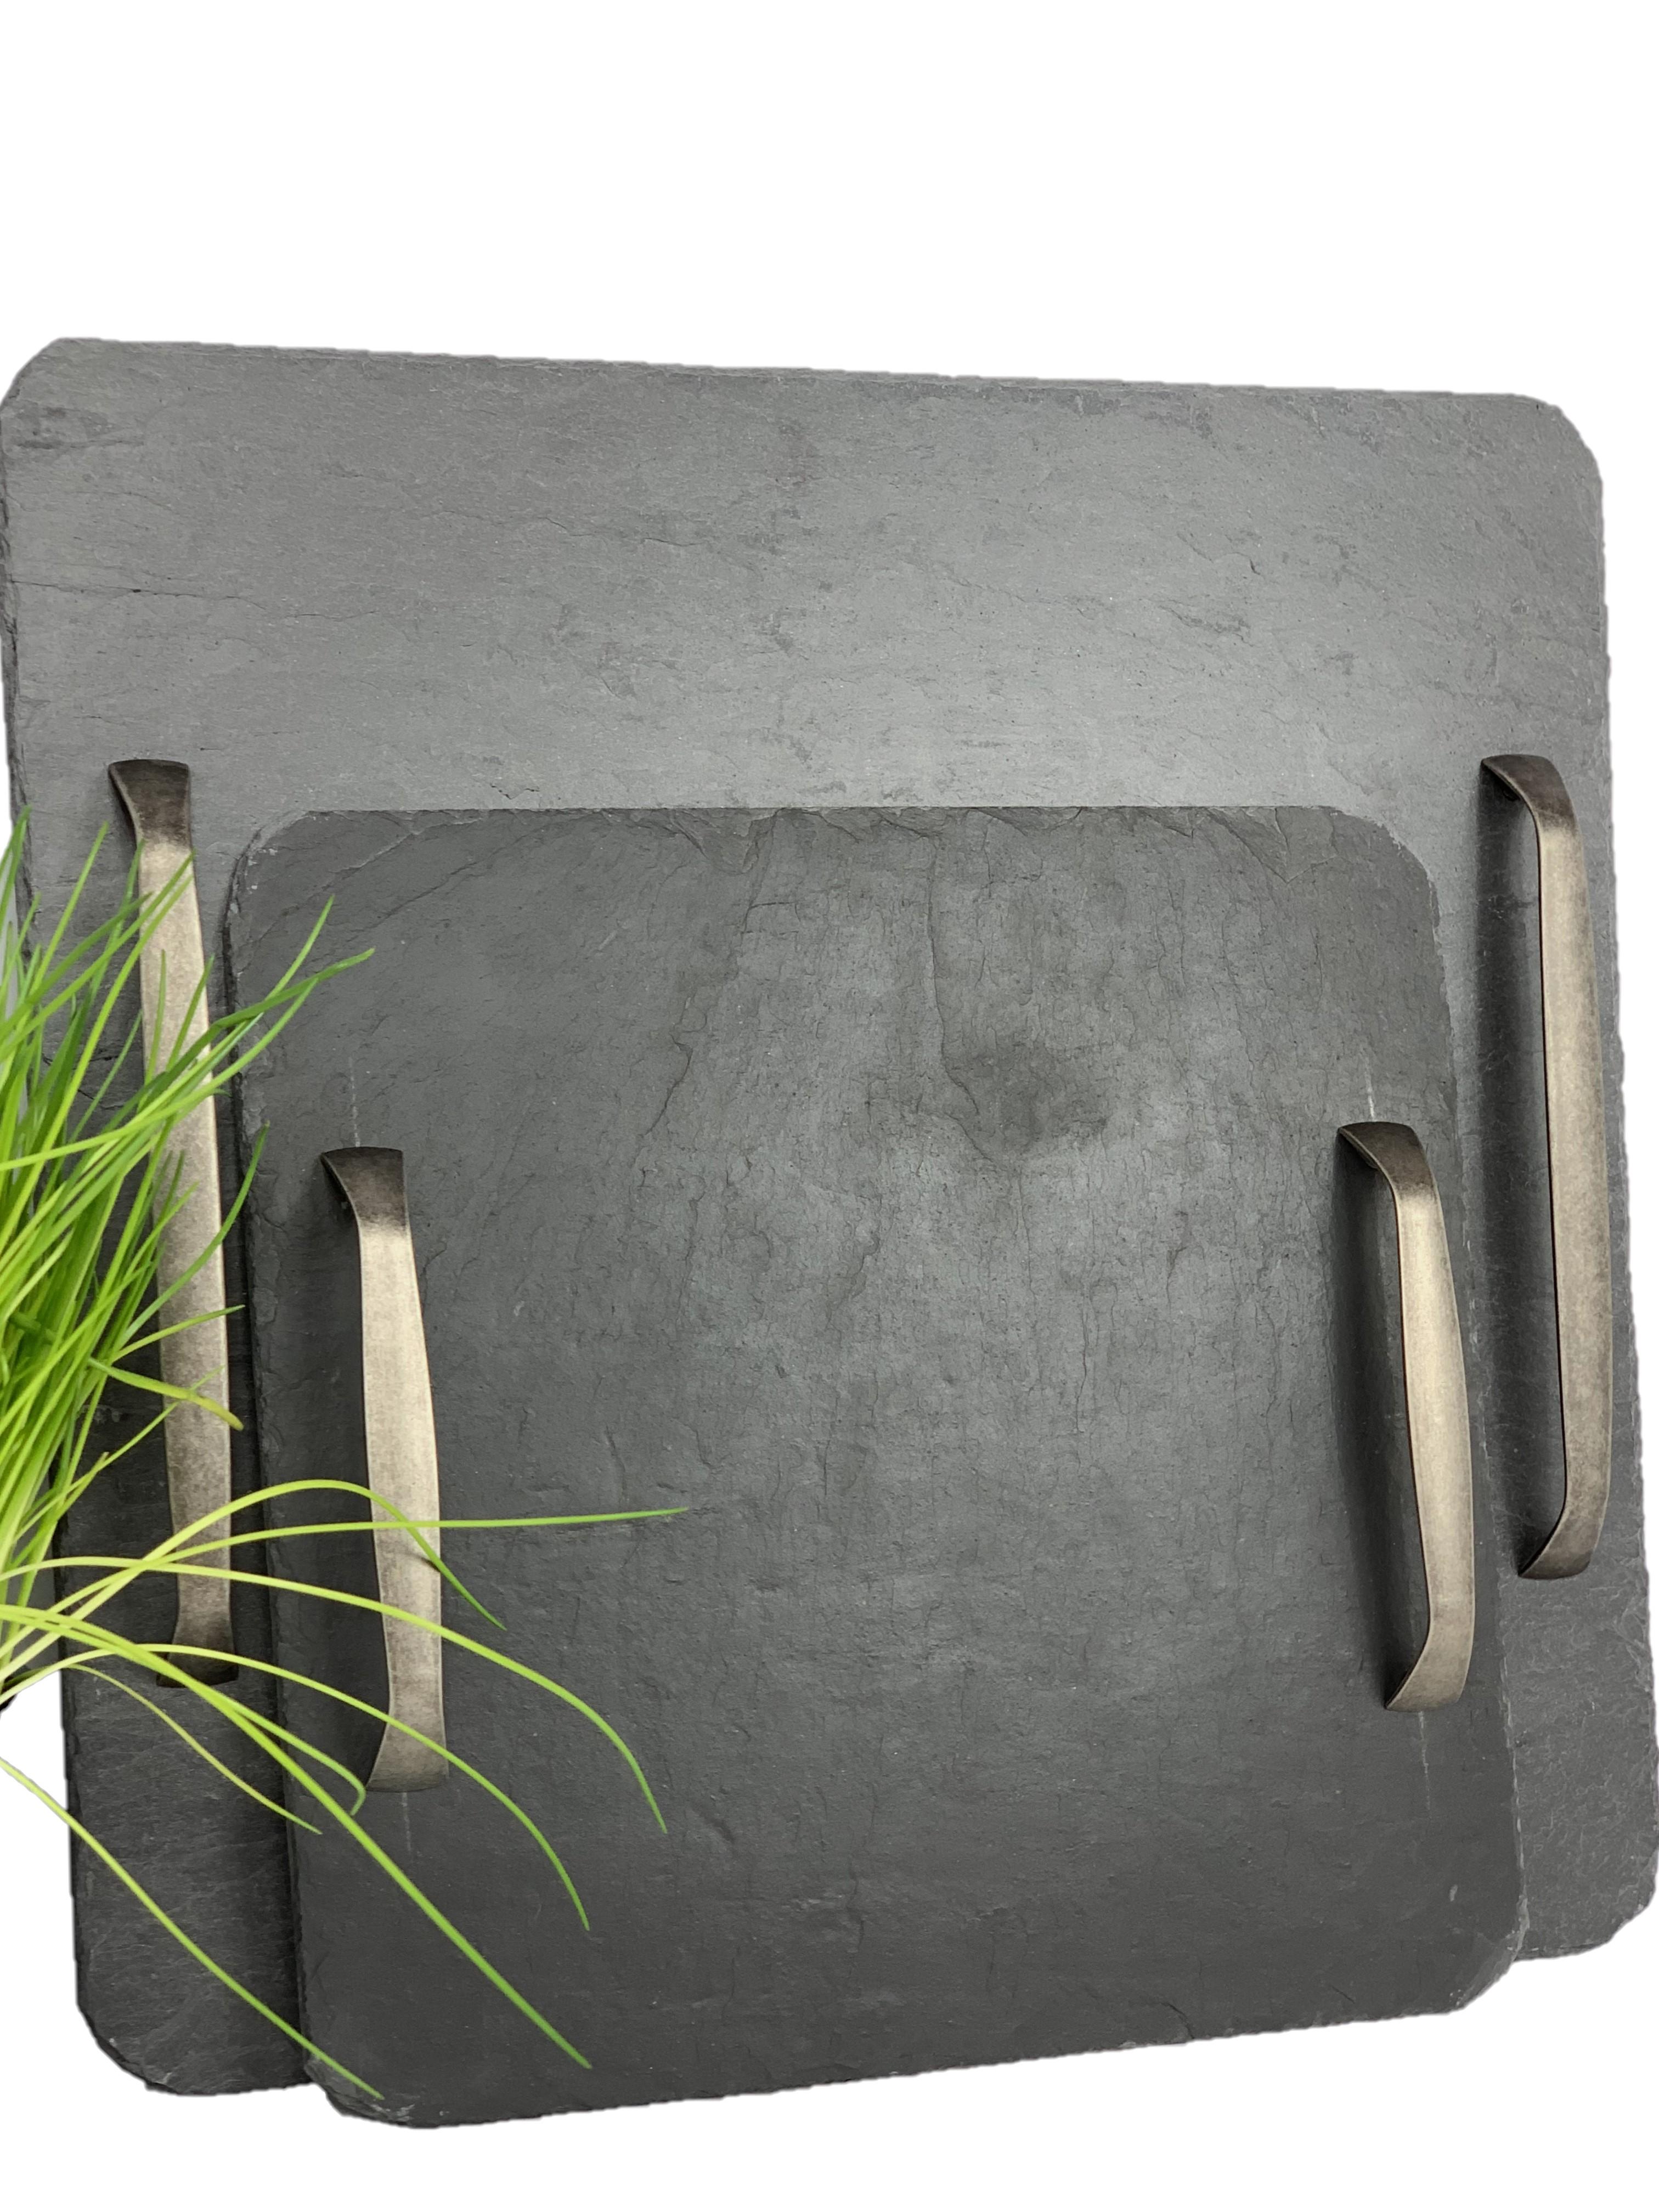 Schiefer Servierplatte quadrat, versch. Griffe zur Wahl